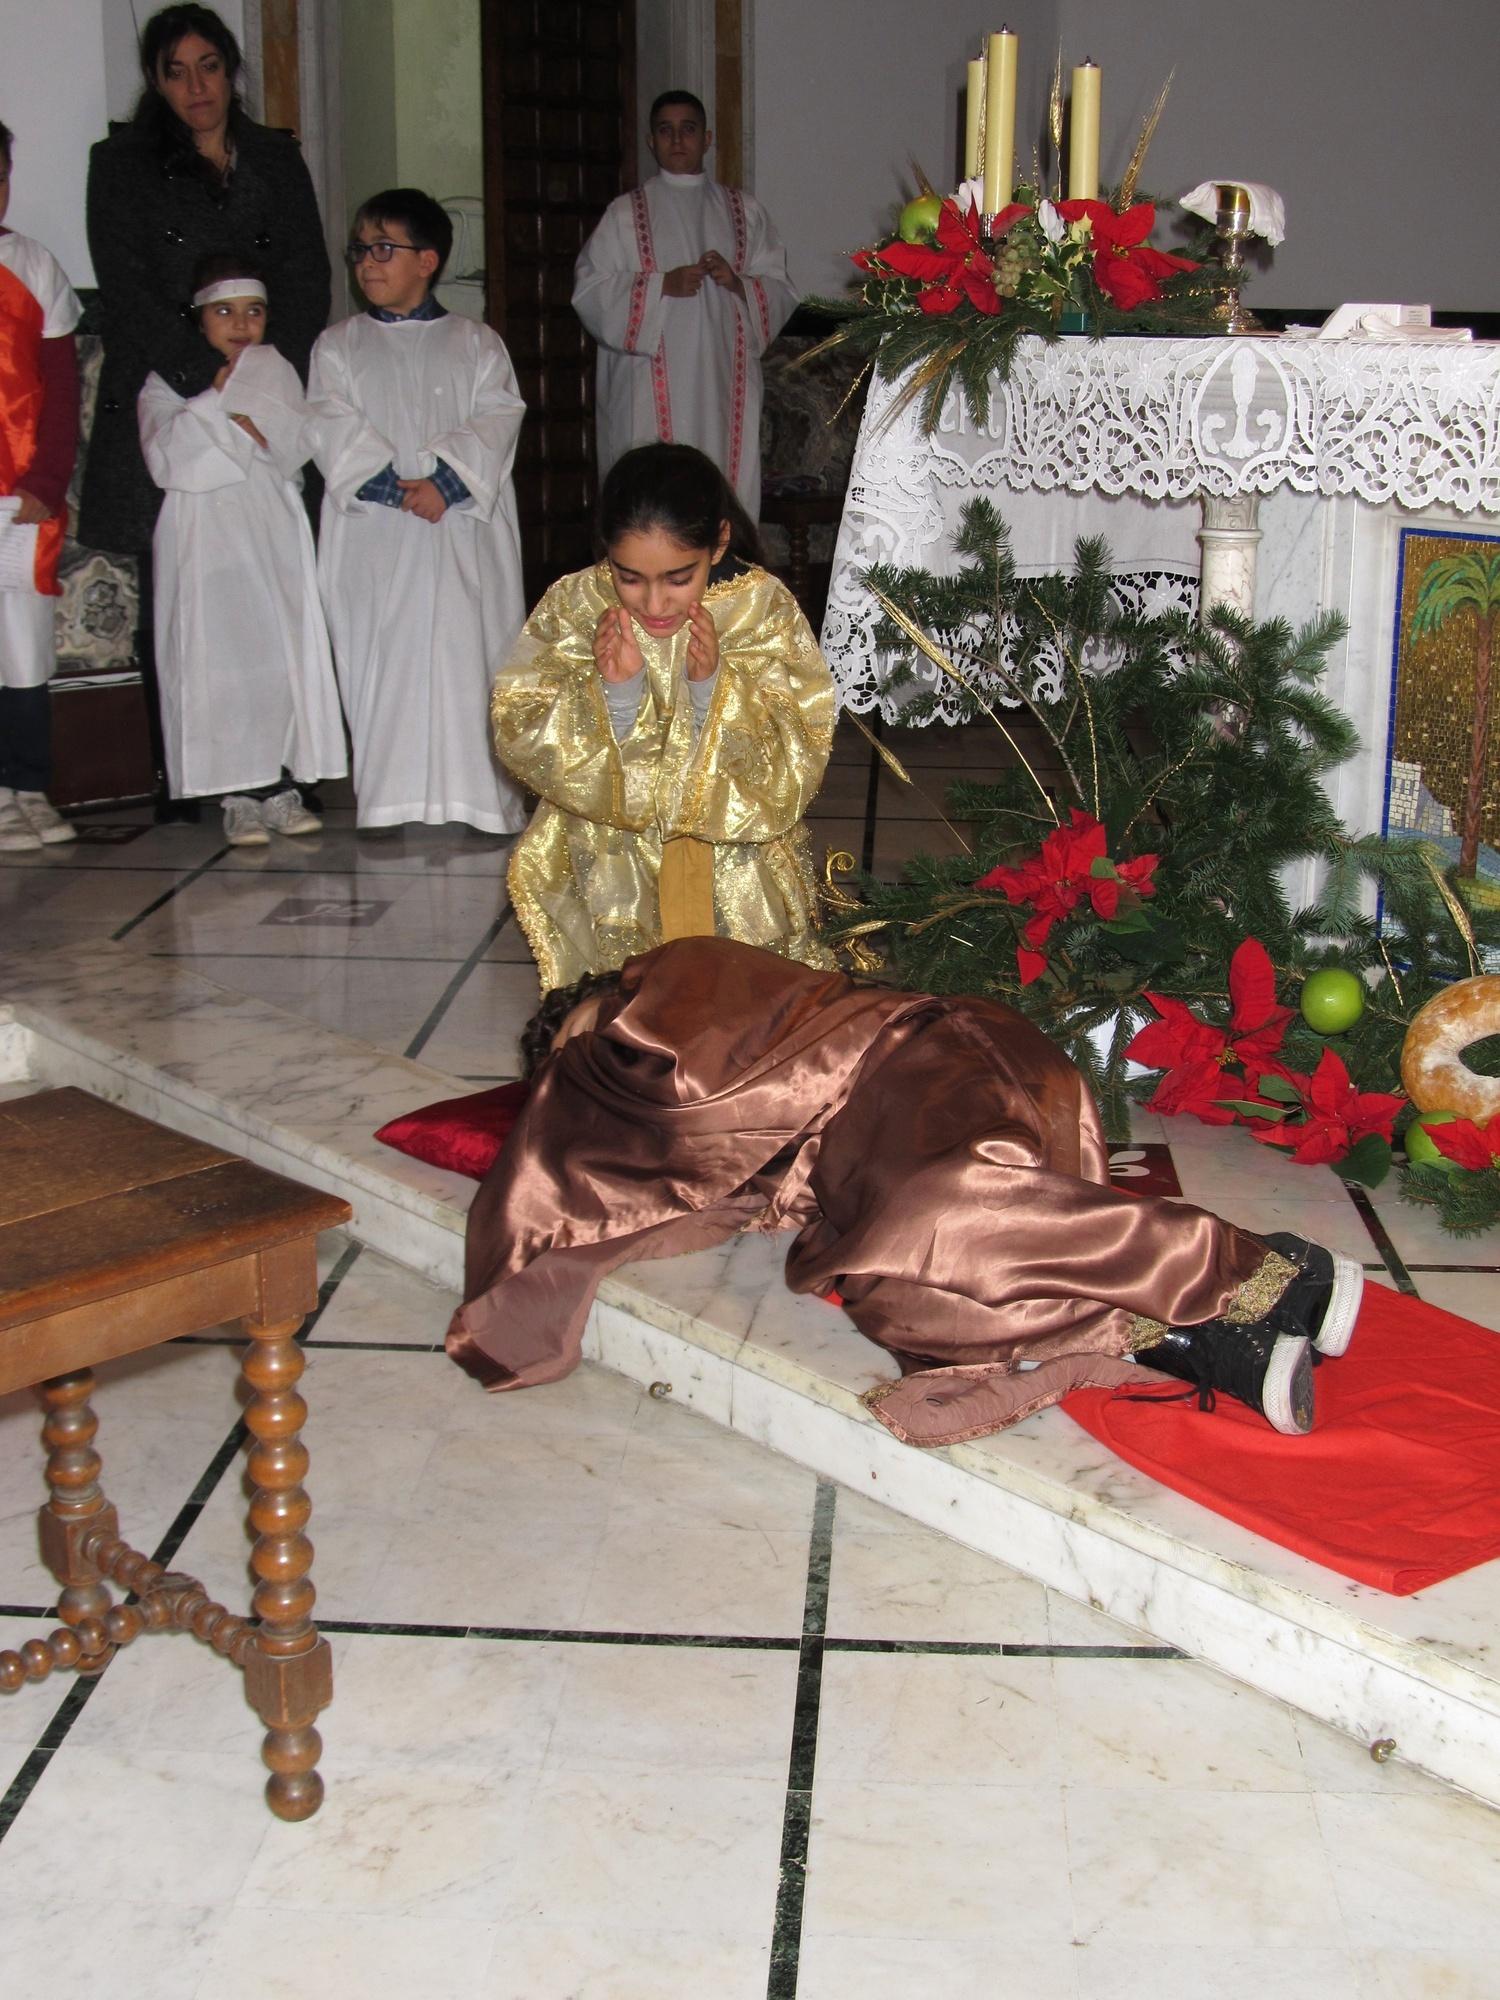 recita-catechismo-natale-mezzanotte-2015-12-25-00-06-58